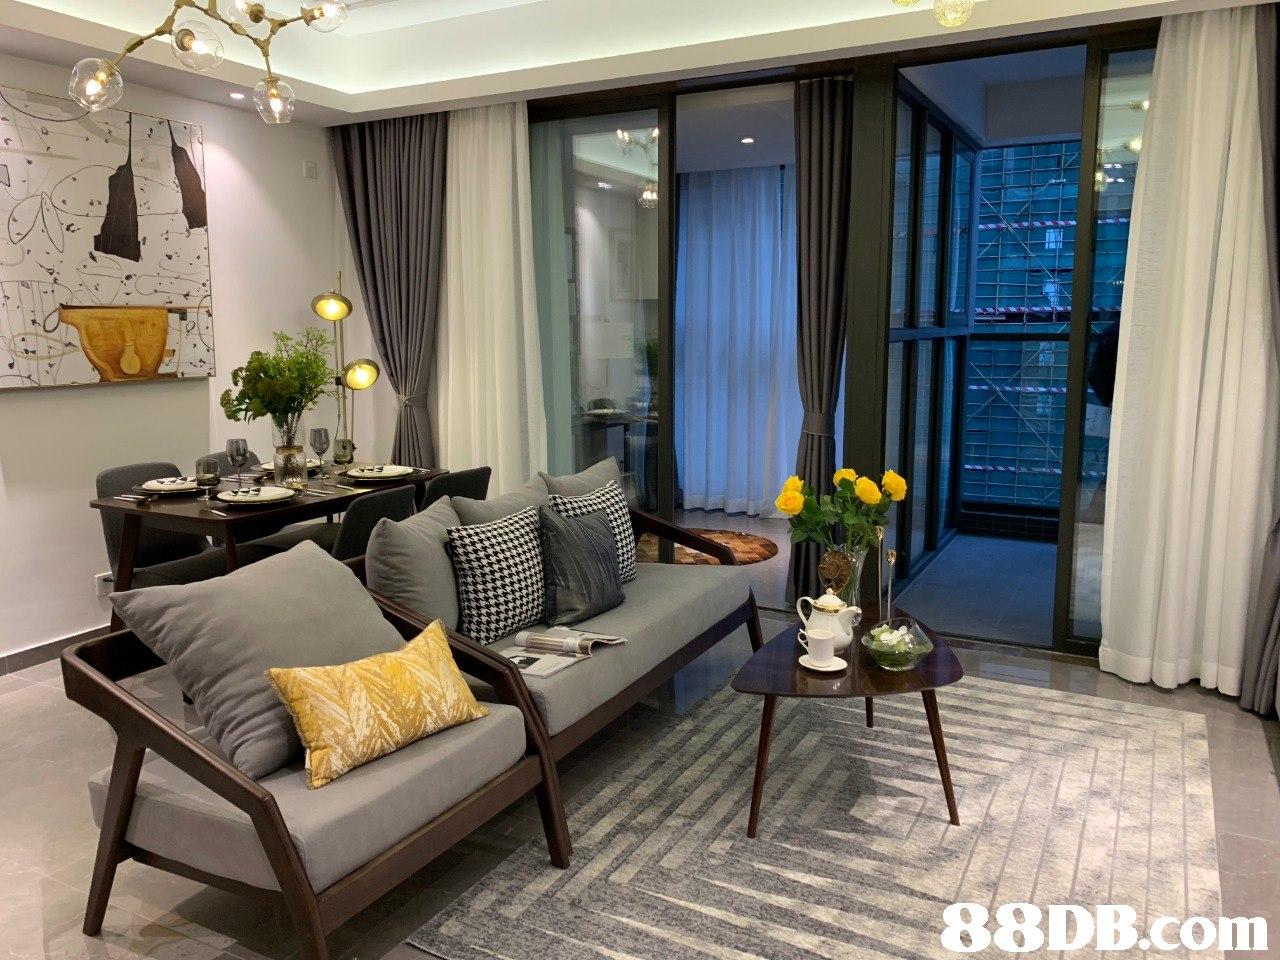 room,property,living room,interior design,real estate